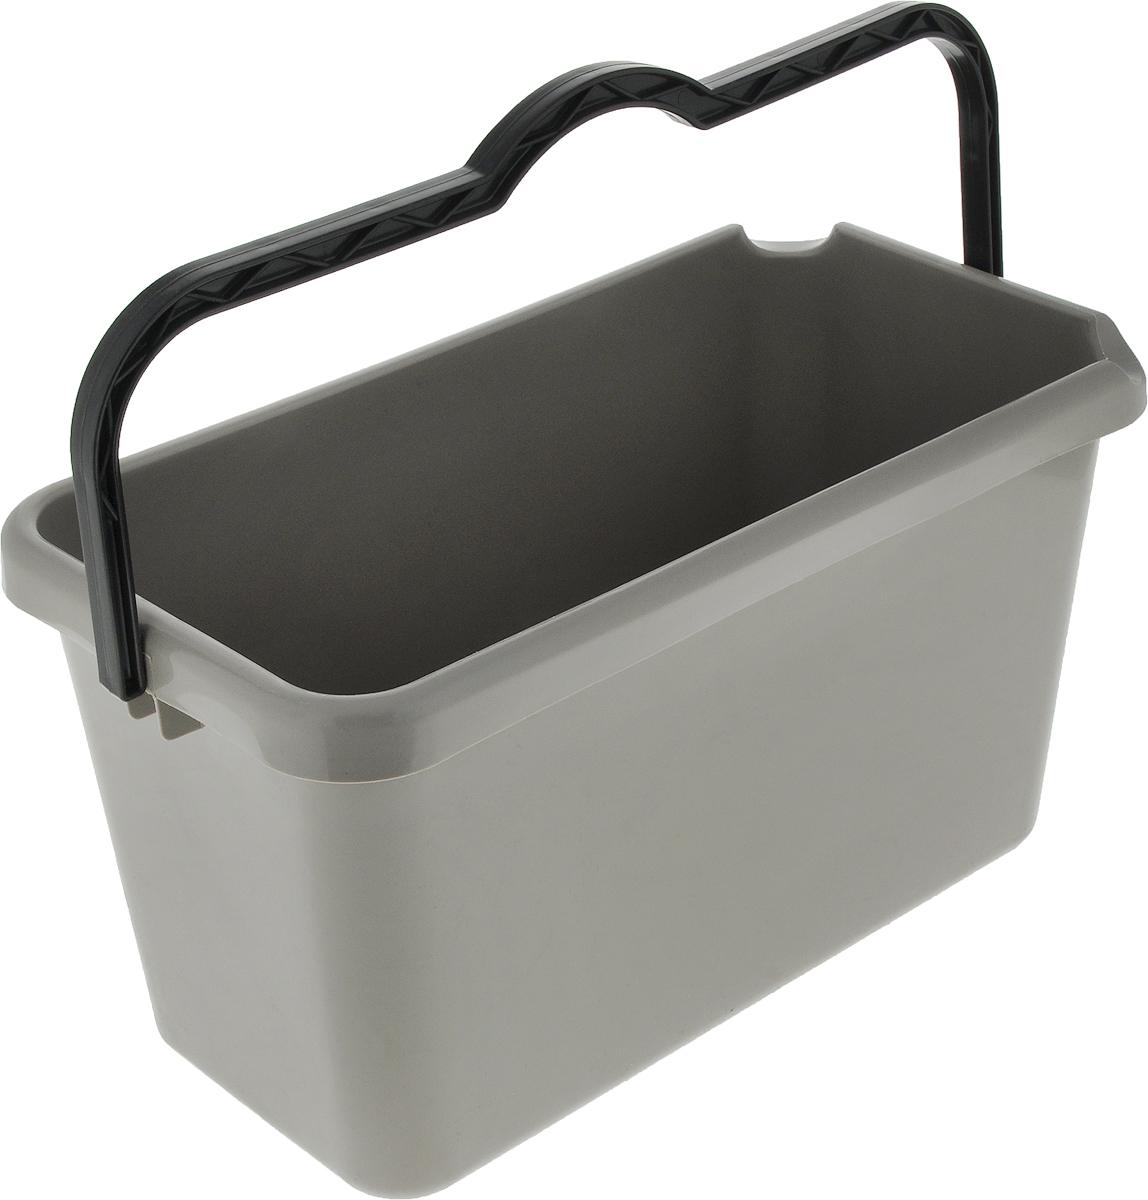 Ведро Альтернатива Эконом, прямоугольное, цвет: темно-серый, 14 лM3078_темно-серыйВедро Альтернатива Эконом изготовлено из высококачественного цветного пластика прямоугольной формы. Оно легче железного и не подвержено коррозии. Ведро оснащено удобной пластиковой ручкой и двумя носиками для удобного выливания воды. Такое ведро станет незаменимым помощником в хозяйстве.